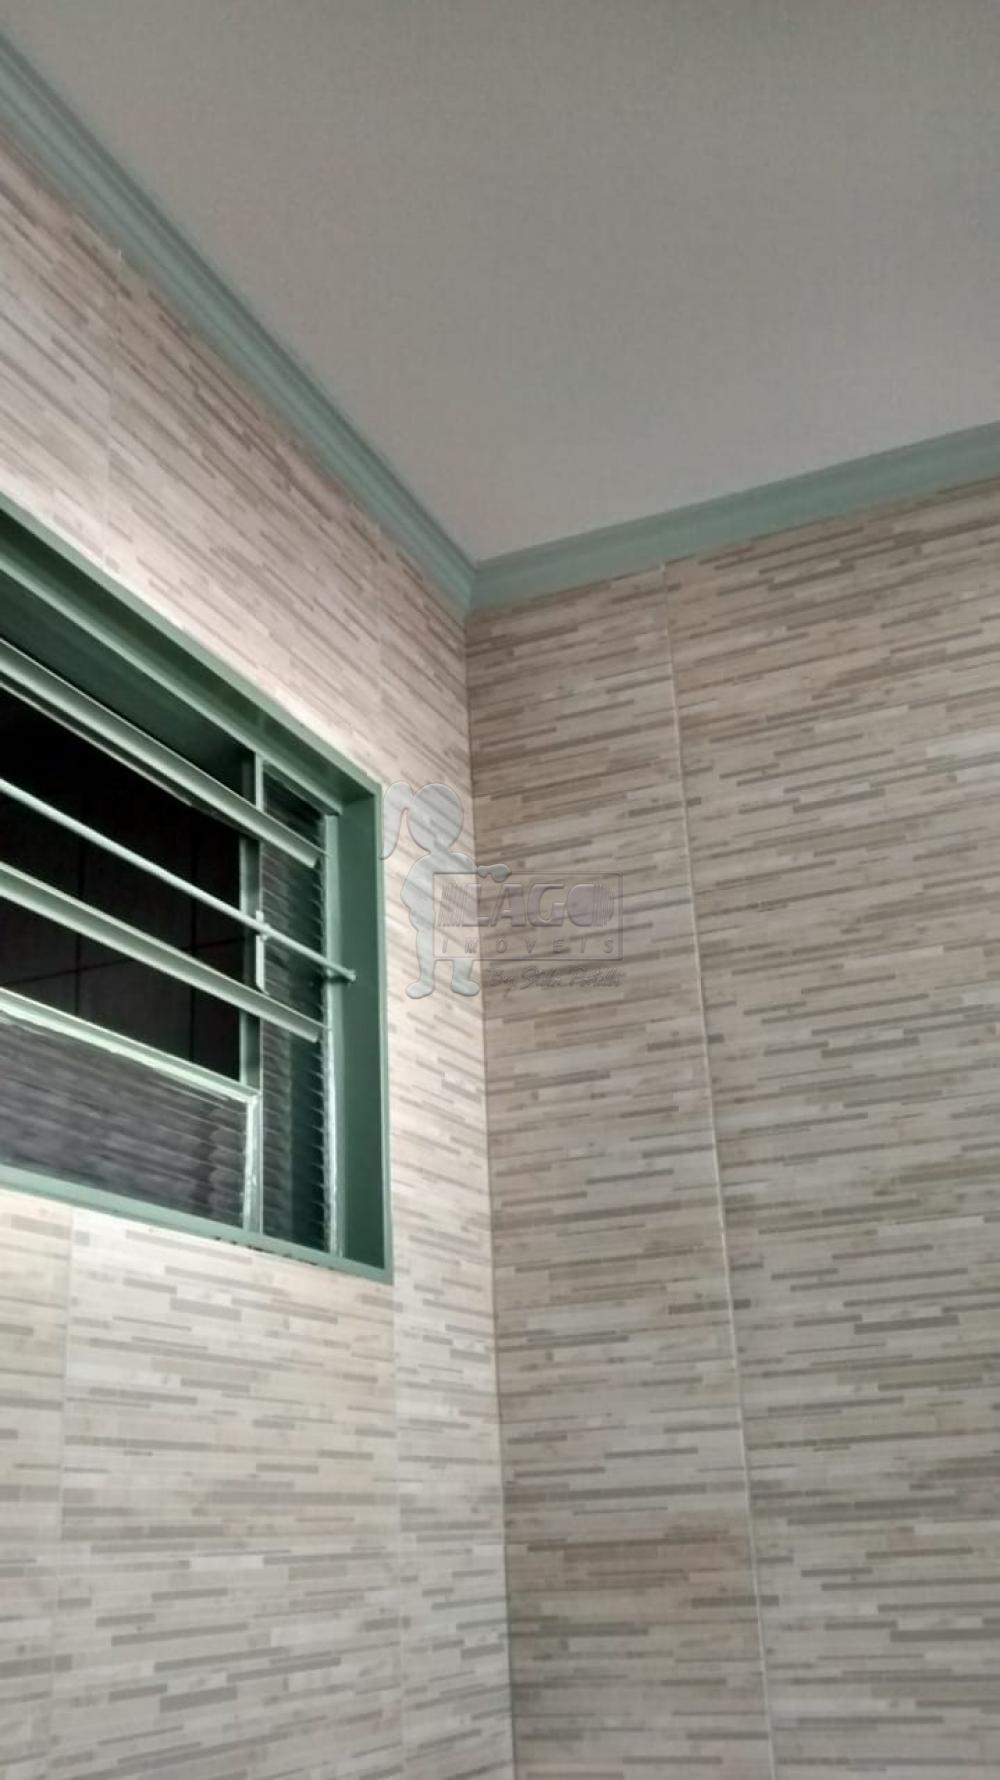 Comprar Casas / Padrão em Ribeirão Preto apenas R$ 350.000,00 - Foto 18